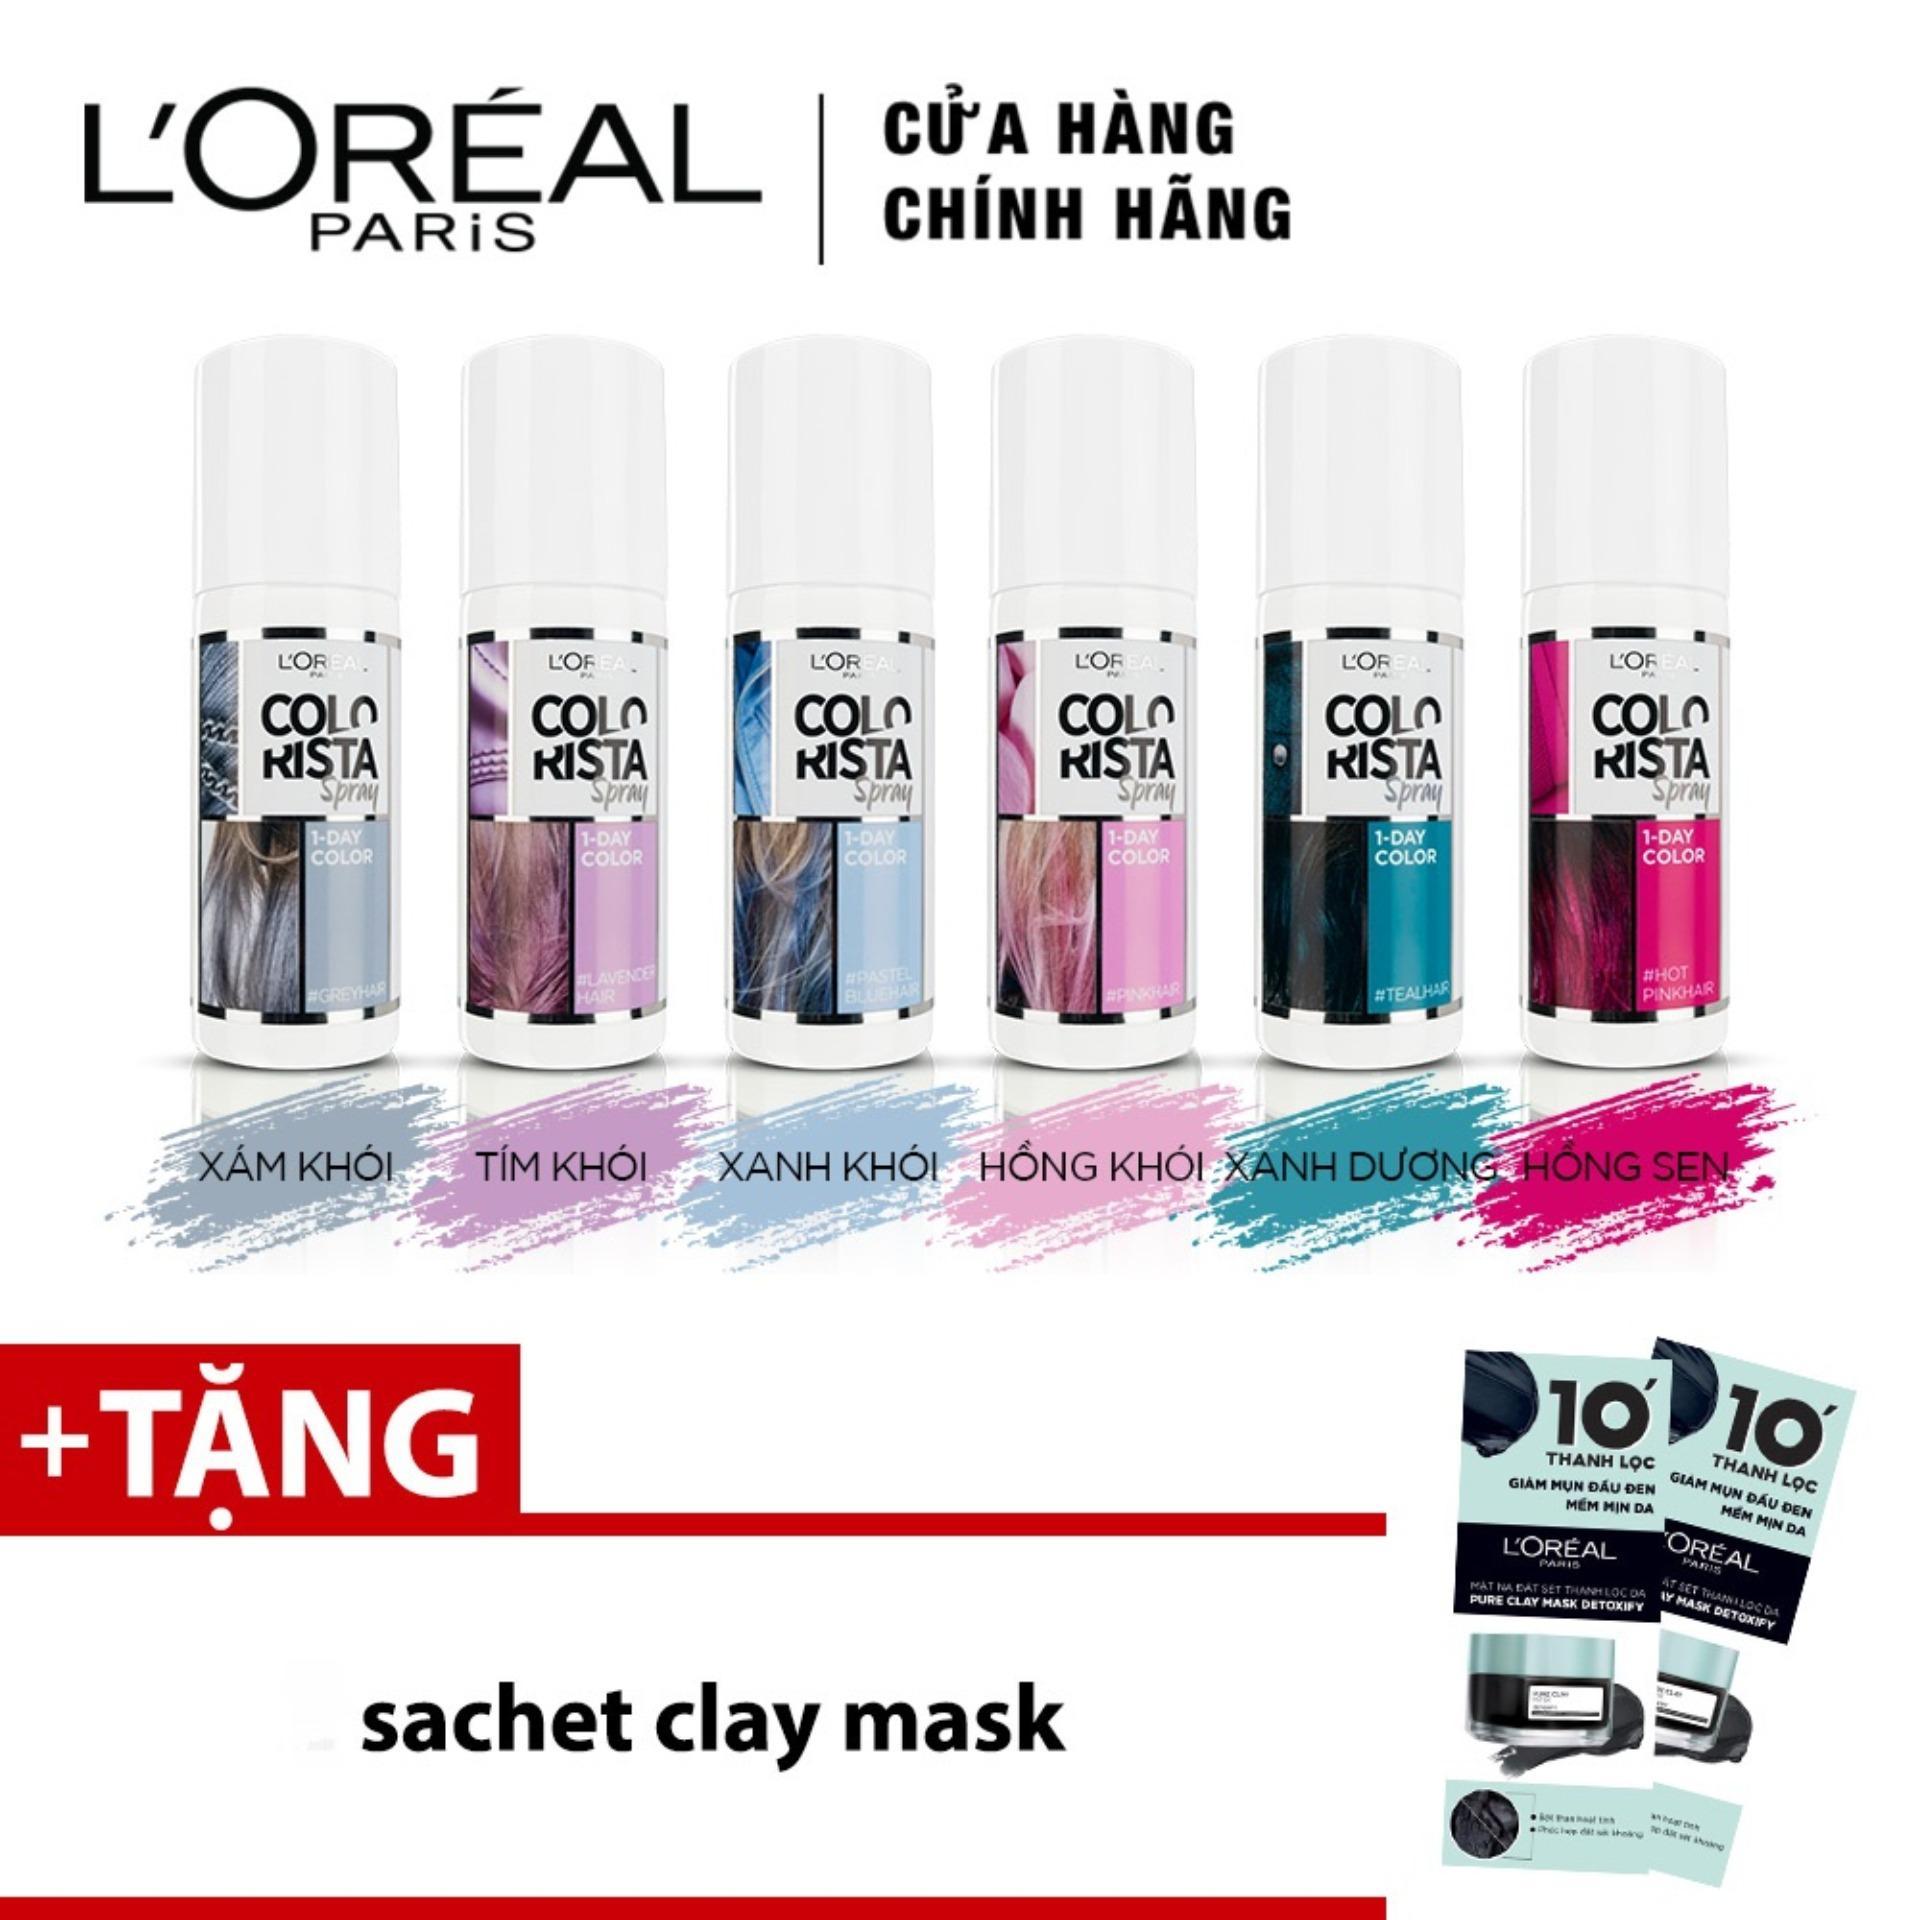 Xịt Nhuộm Tóc Tạm Thời LOreal Paris Colorista Spray 75ml tốt nhất